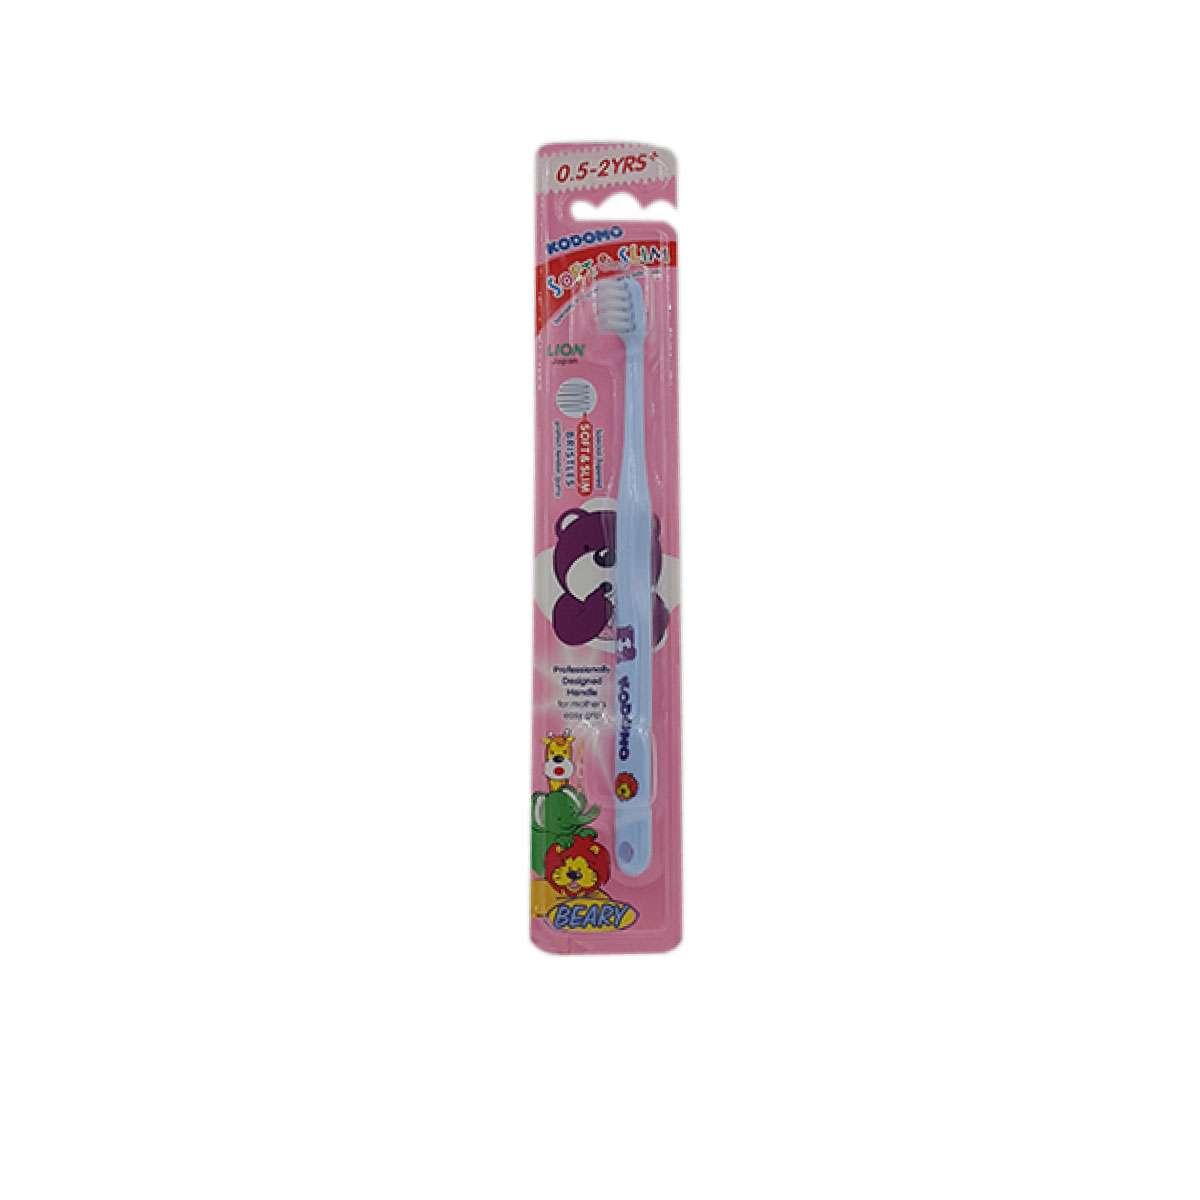 KODOMO Tooth Brush ( 0.5 to 2 years child )